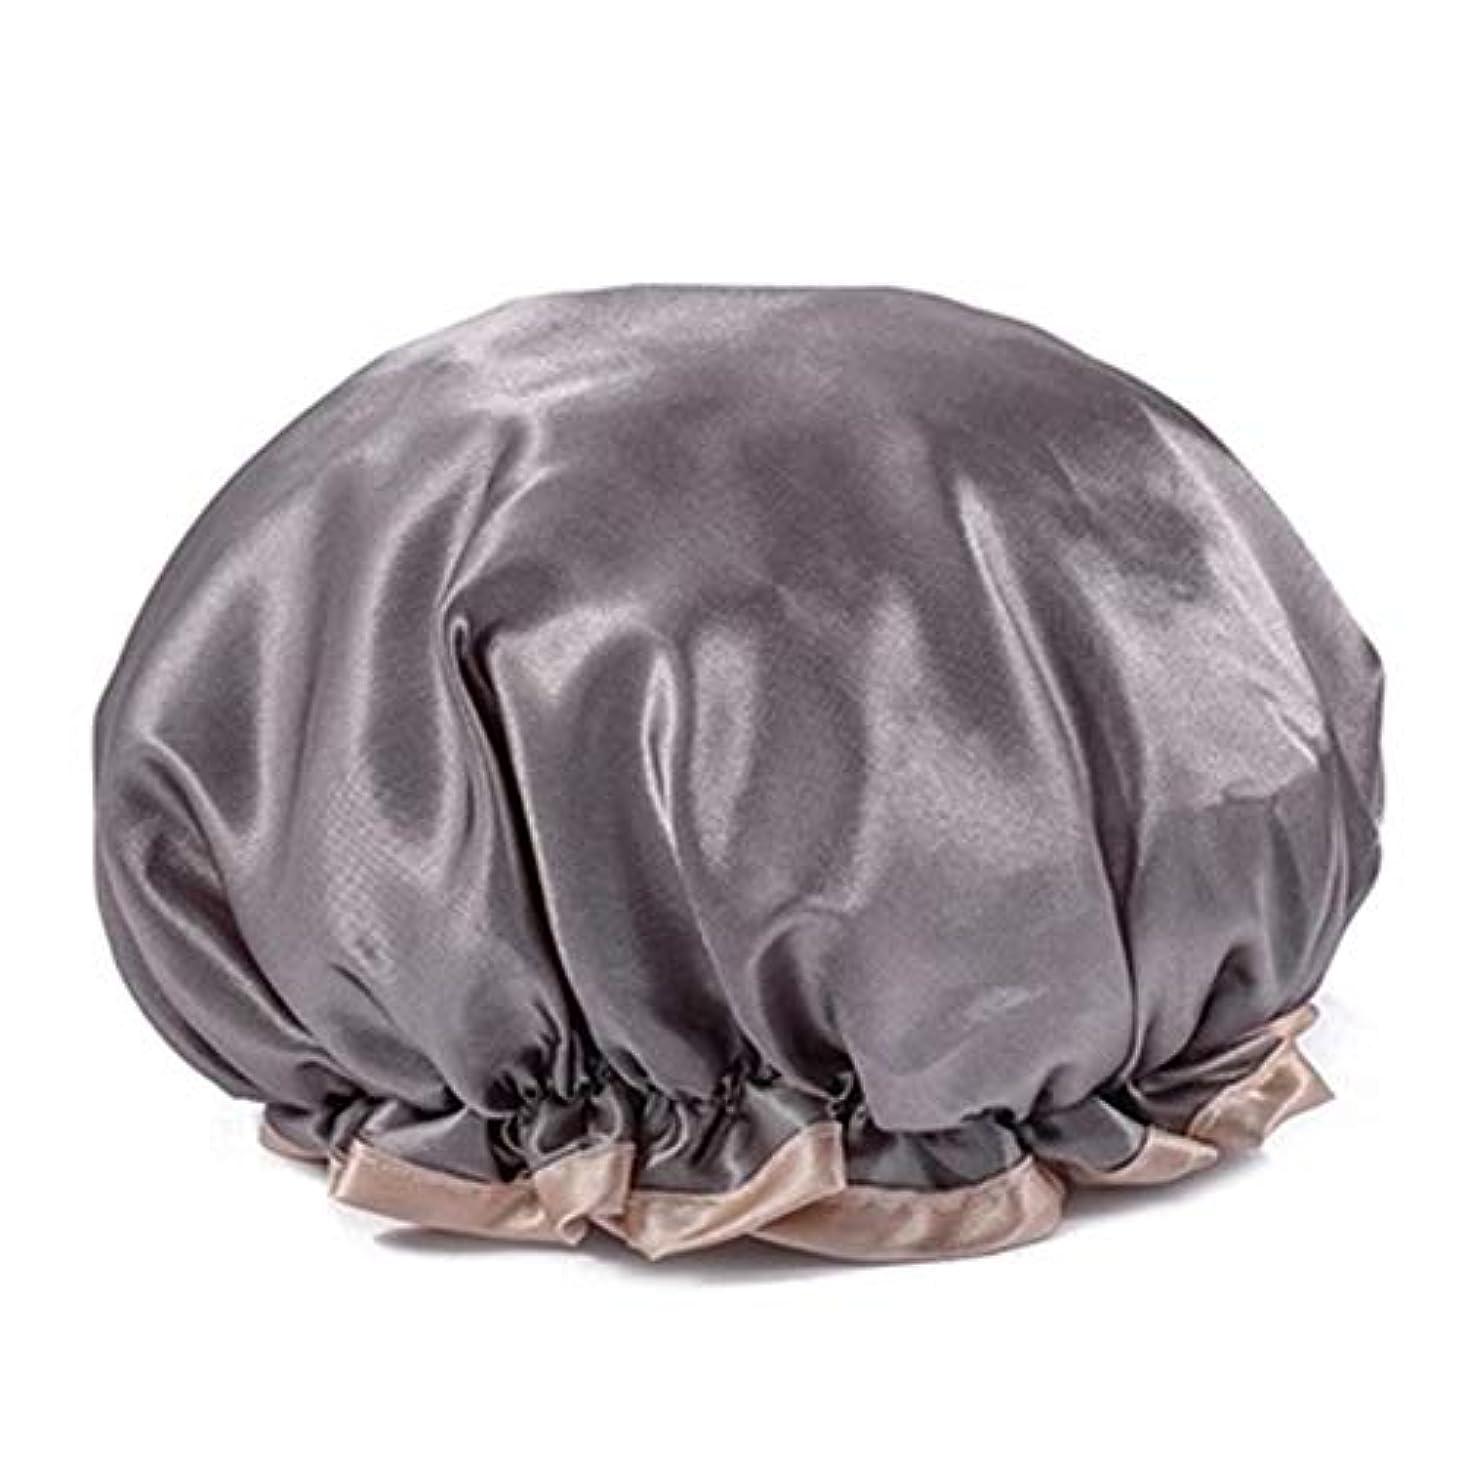 プロテスタント自分の切手シャワーキャップ 可愛い ヘアキャップ フリーサイズ 防水帽 入浴チャップ 浴用帽子 サロンの髪を保護する帽子 お風呂 旅行セット 繰り返す使用可能 化粧帽 油煙を防ぐ ヘアーターバン (グレー)